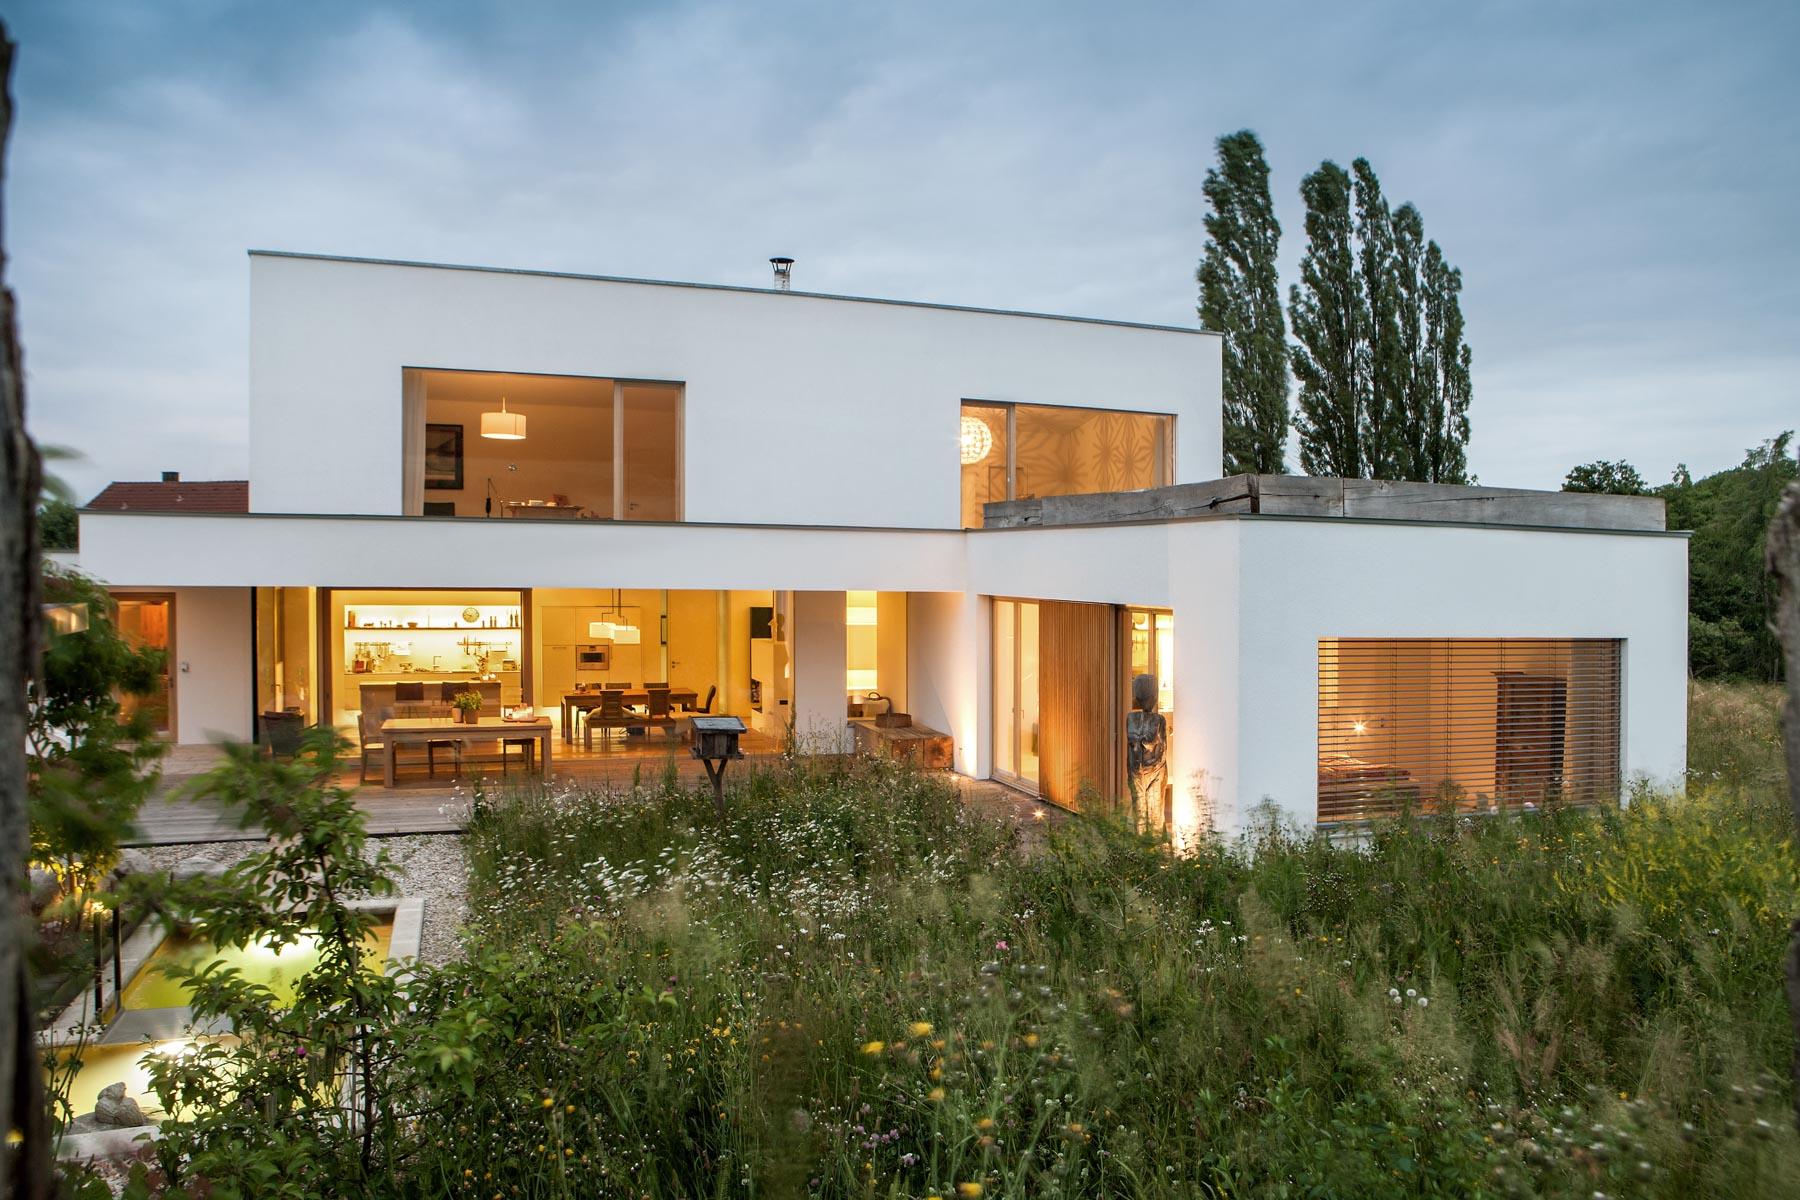 Bade+Wohnhaus B